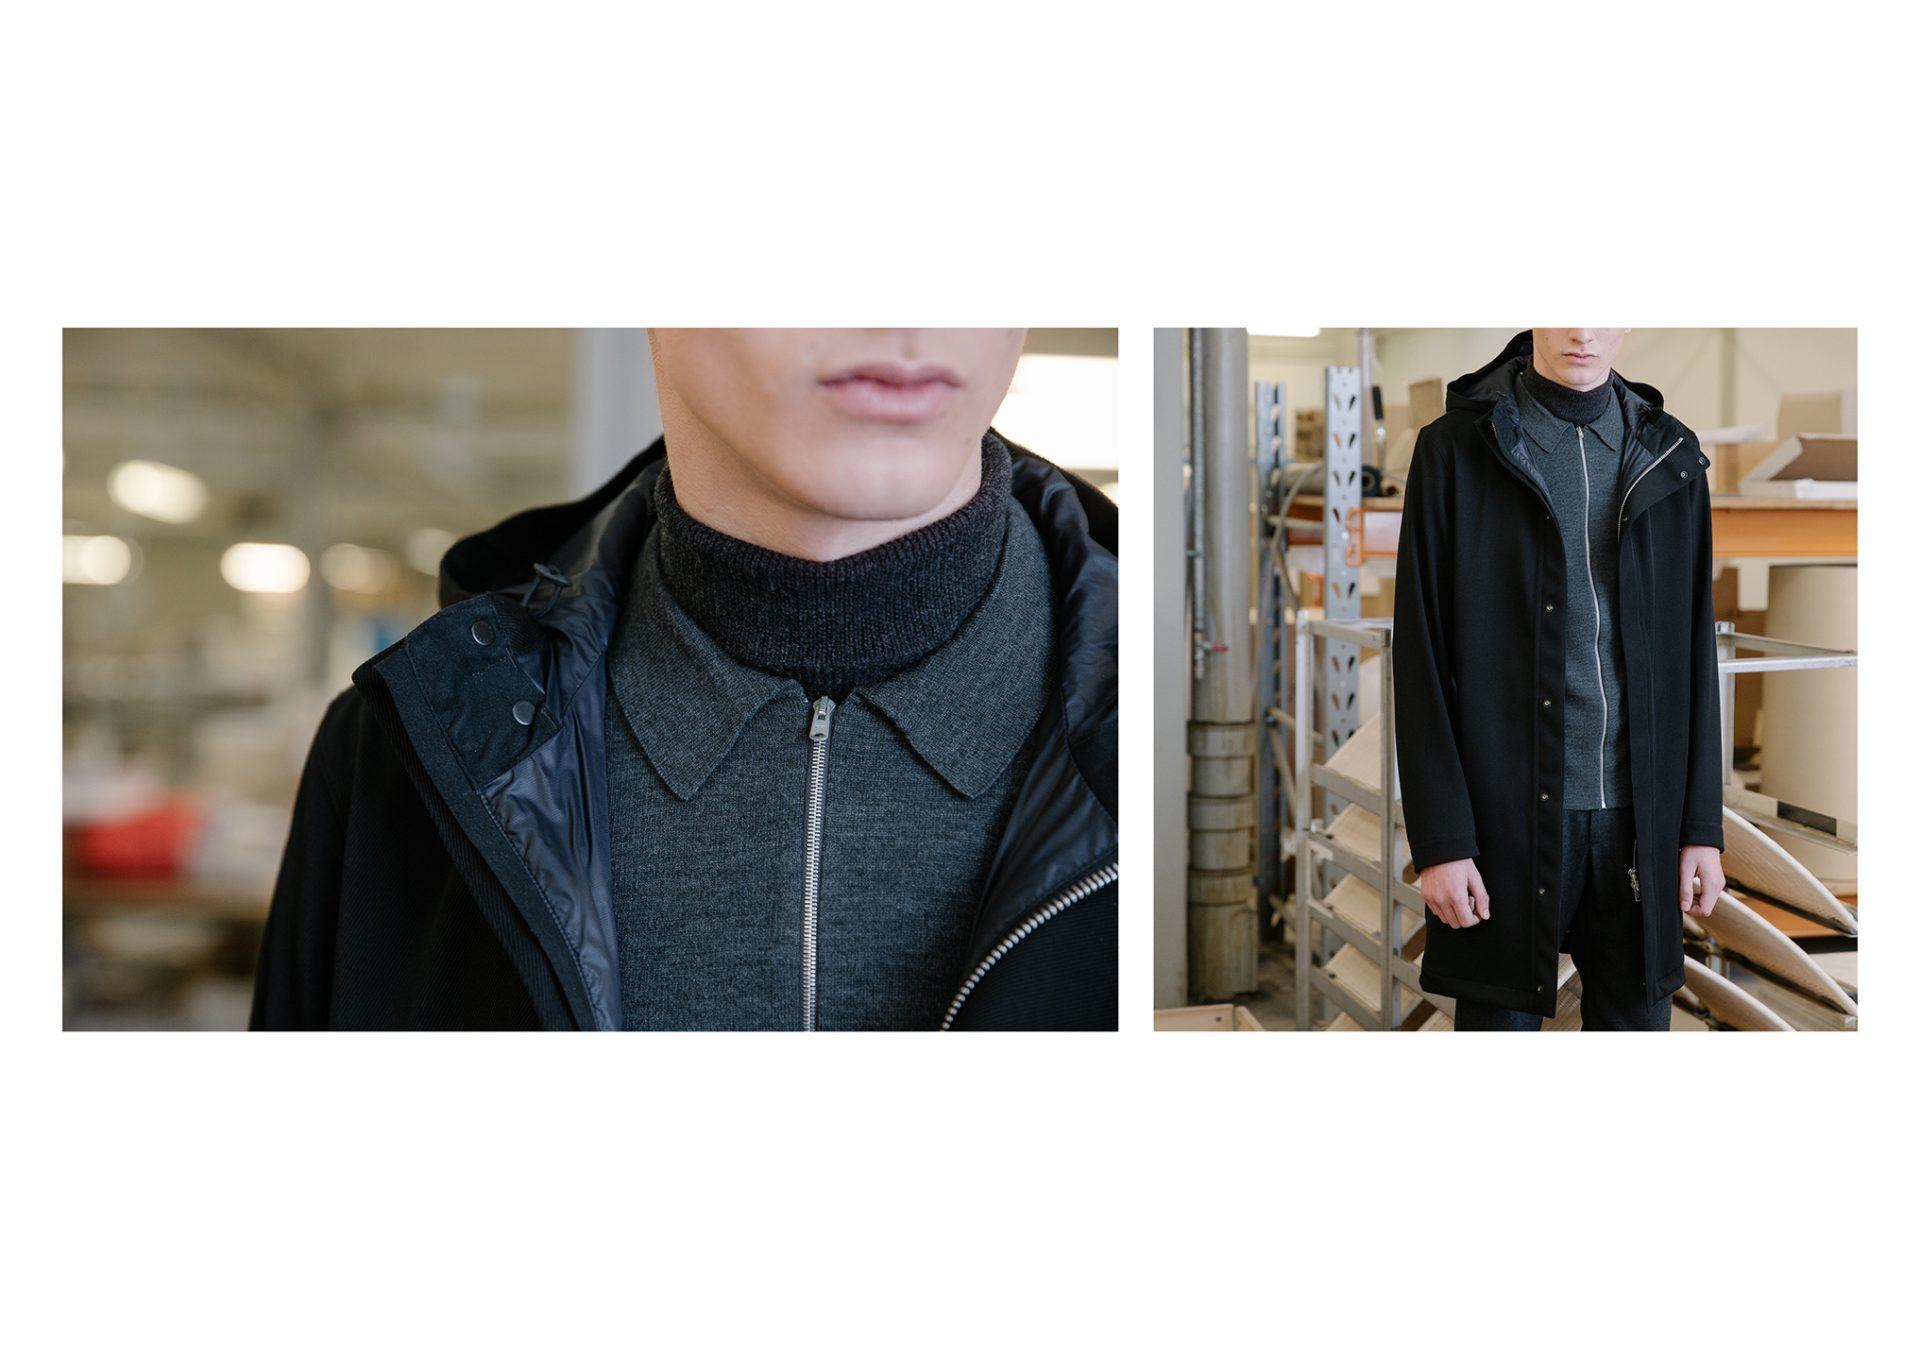 Musta ja harmaa - toimiva kombo